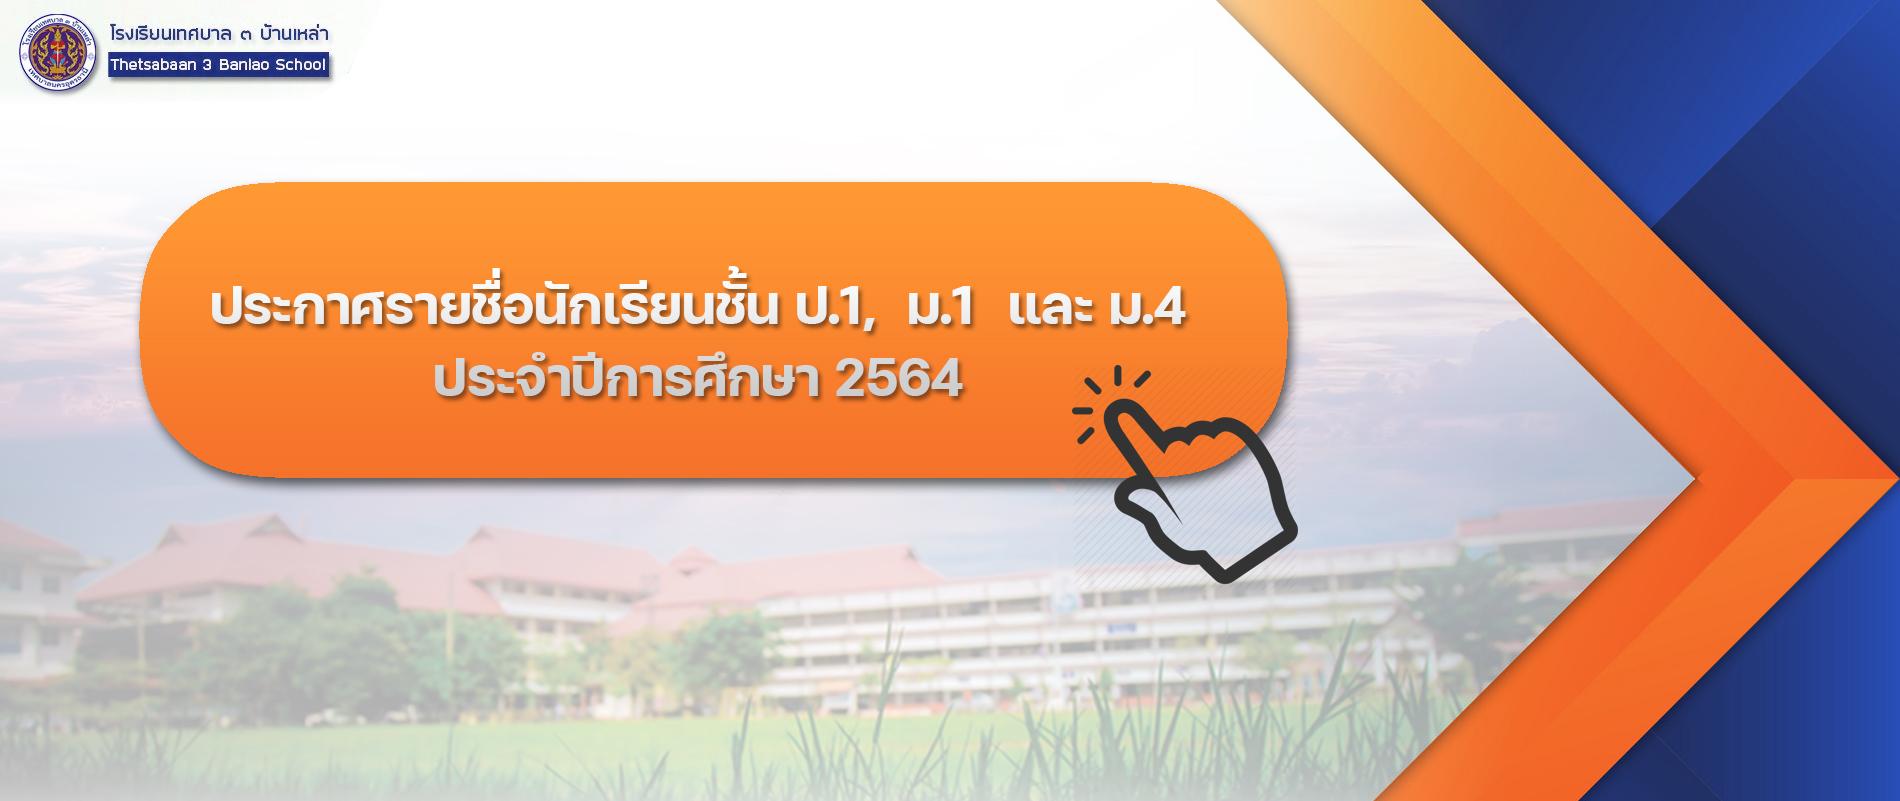 ประกาศรายนักเรียนชื่อชั้น ป.1, ม.1 และ ม.4  ประจำปีการศึกษา 2564